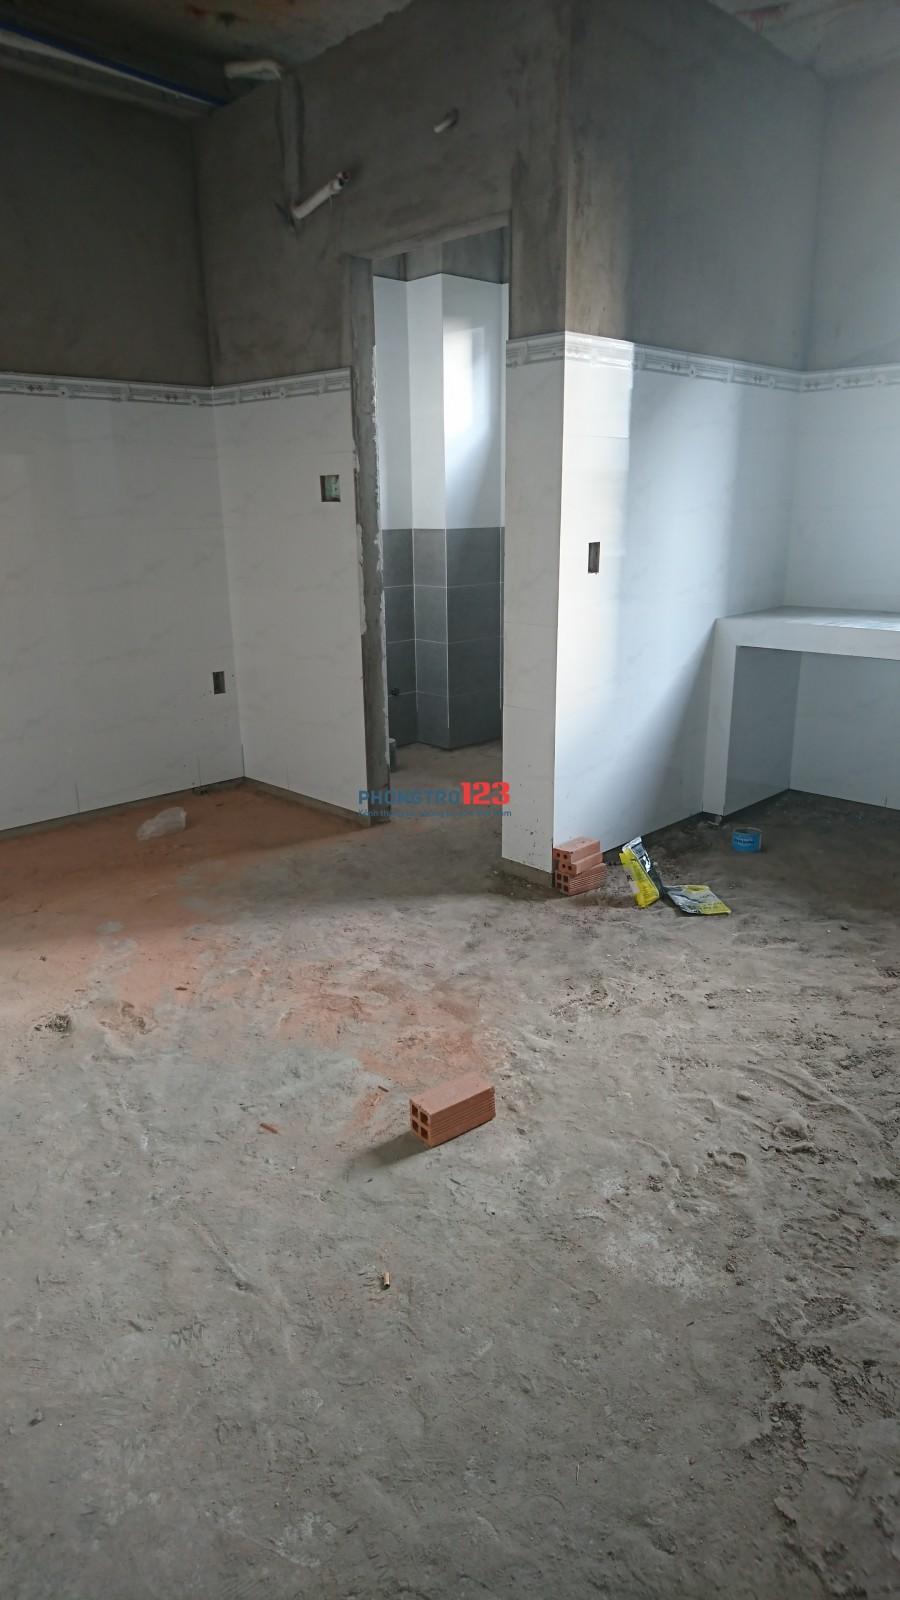 Nhà trọ đang xây, tháng 5 hoạt động ạ,